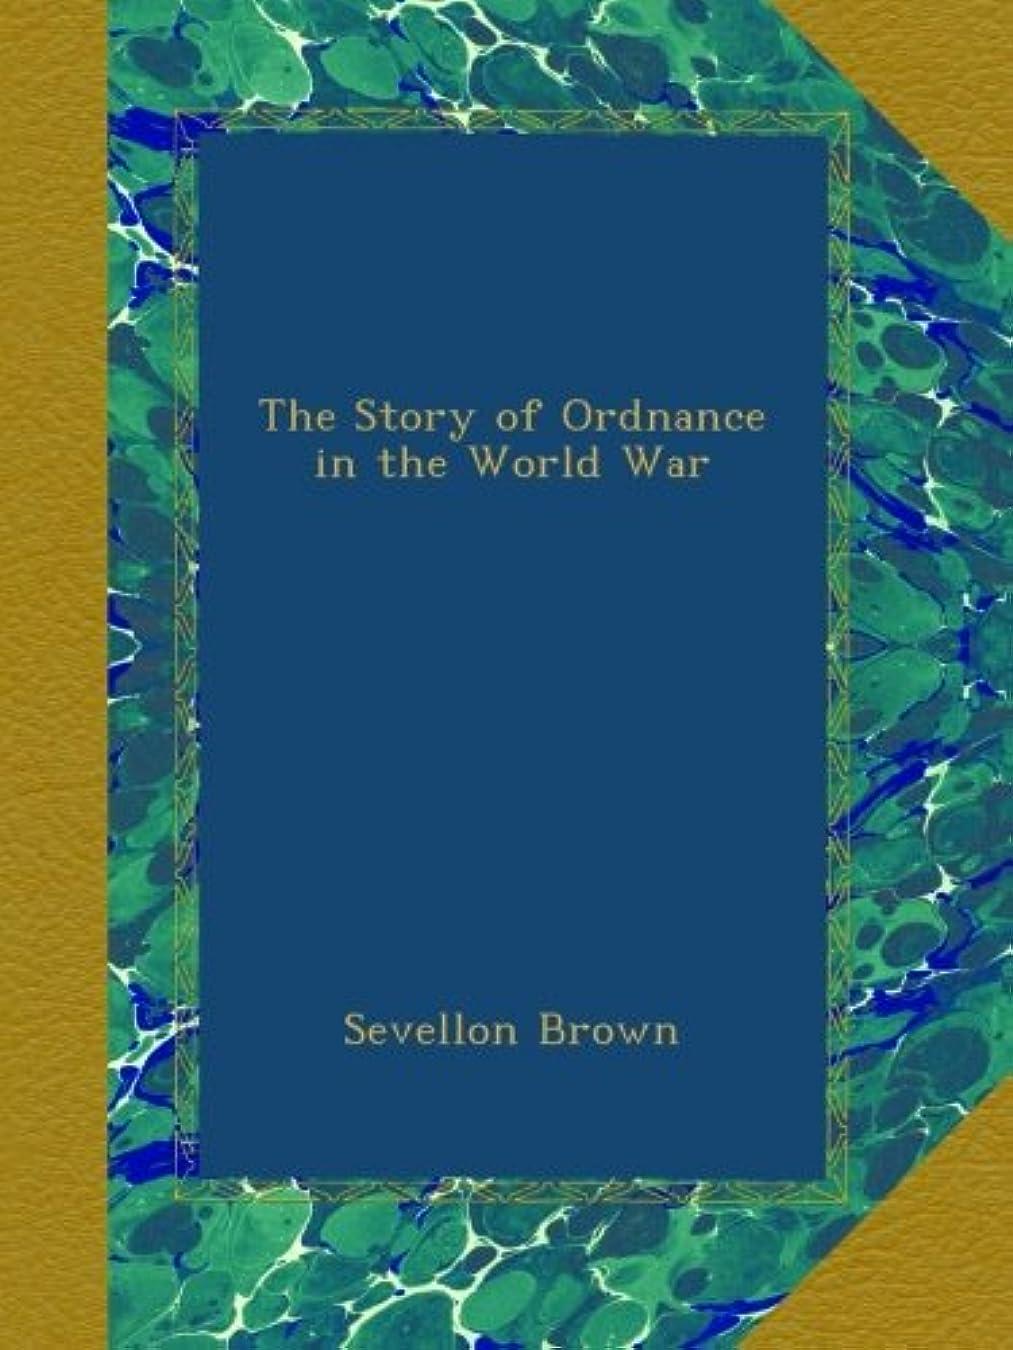 足八百屋耐えられないThe Story of Ordnance in the World War